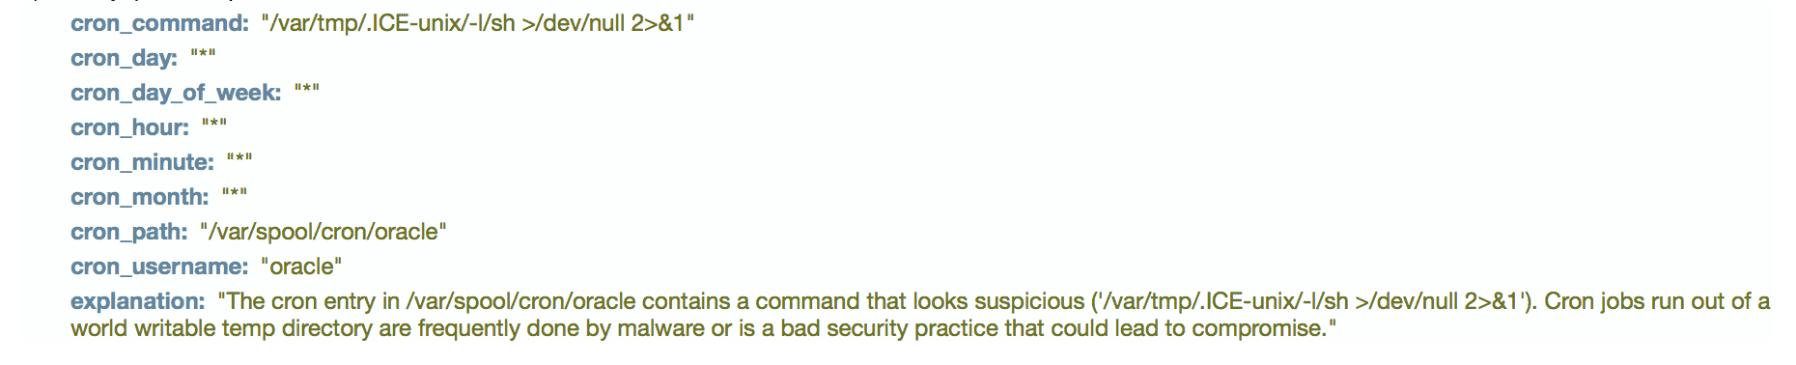 Suspicious cron entry example